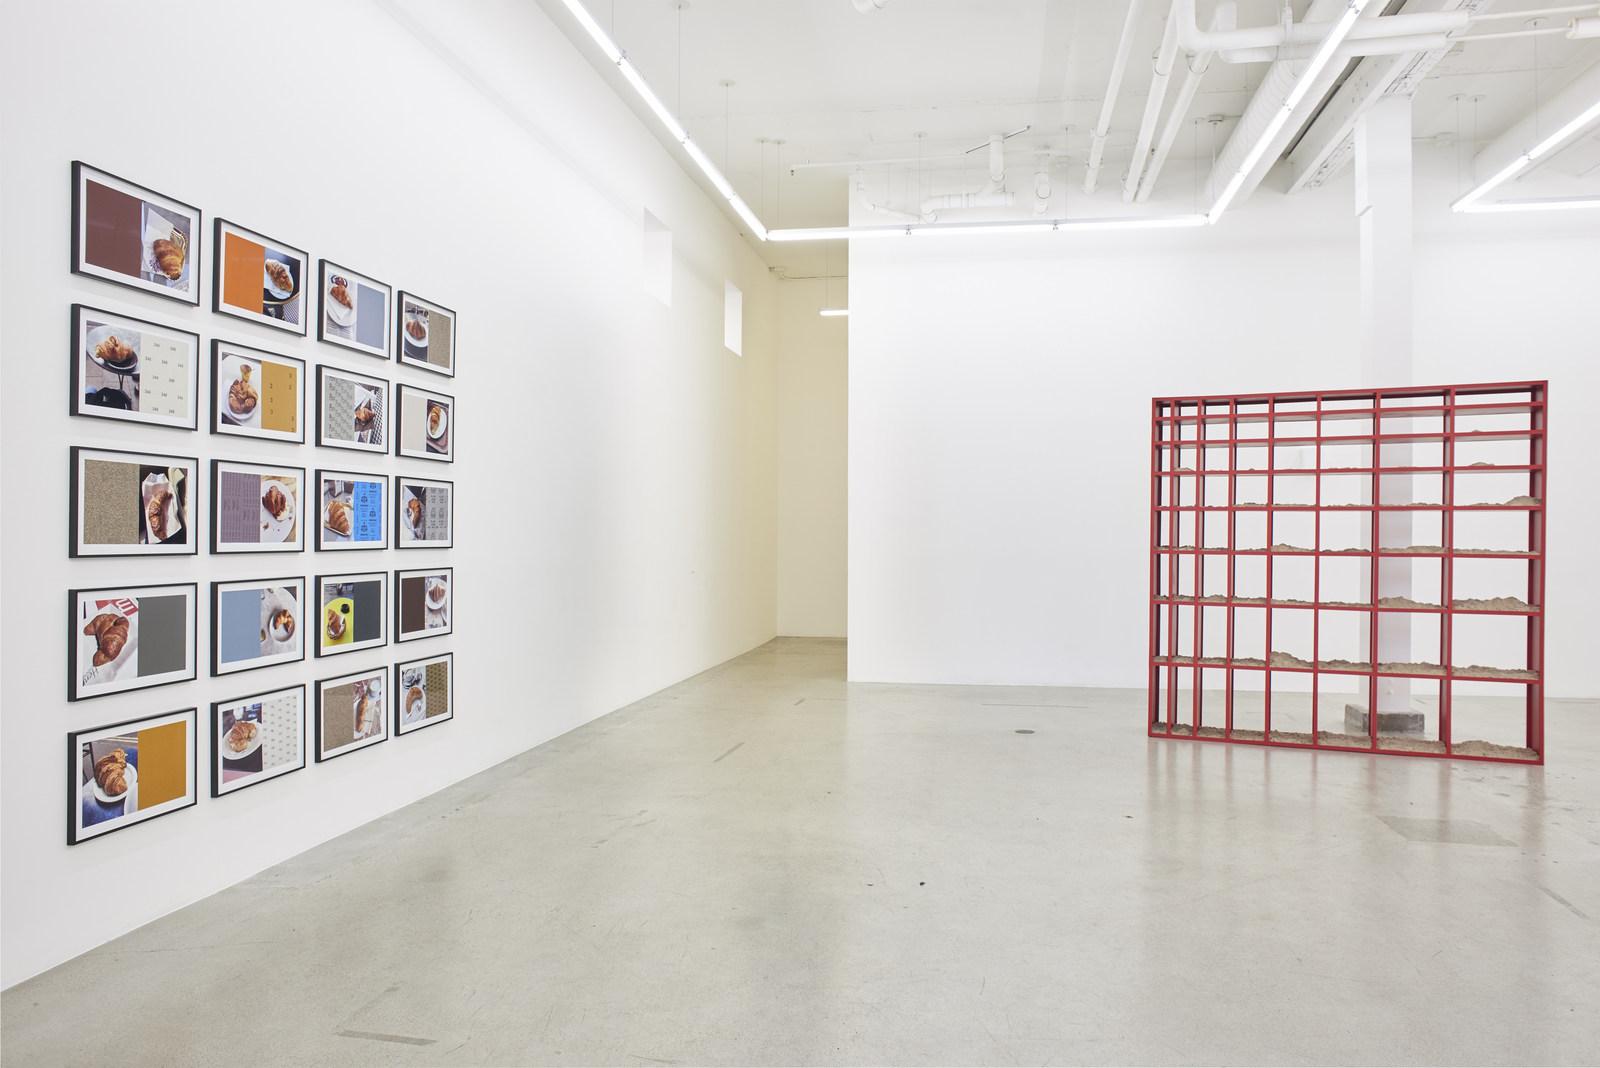 Wermers_Grundstück, 2017_Jessica Silverman Gallery_installation view_012